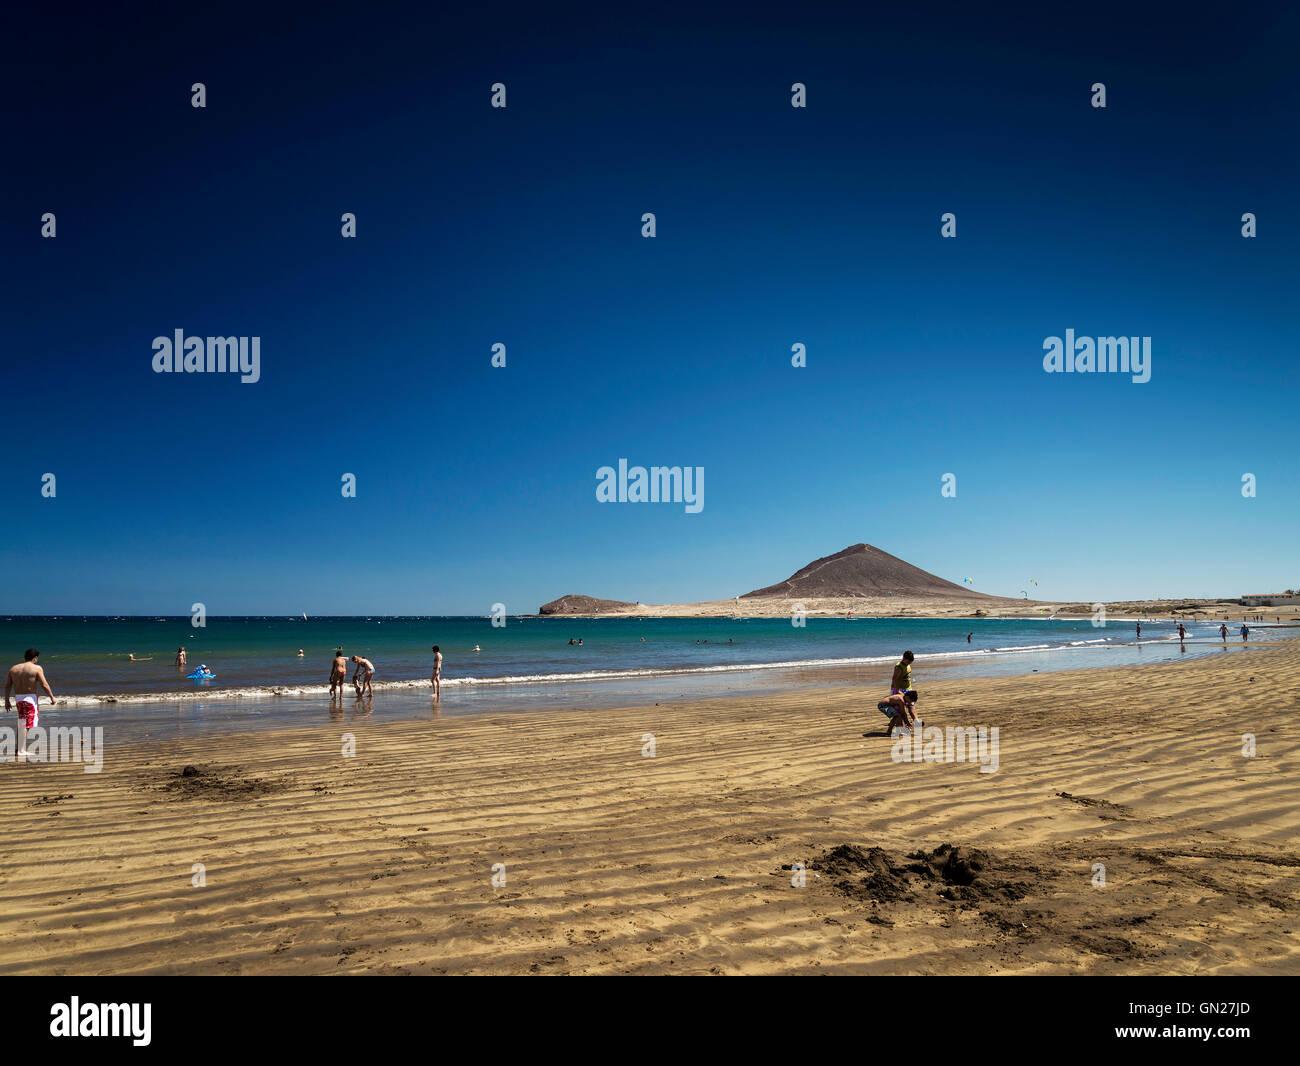 Toursists en el medano playa y montaña roja hito de montaña en el sur de la isla de Tenerife, ESPAÑA Imagen De Stock